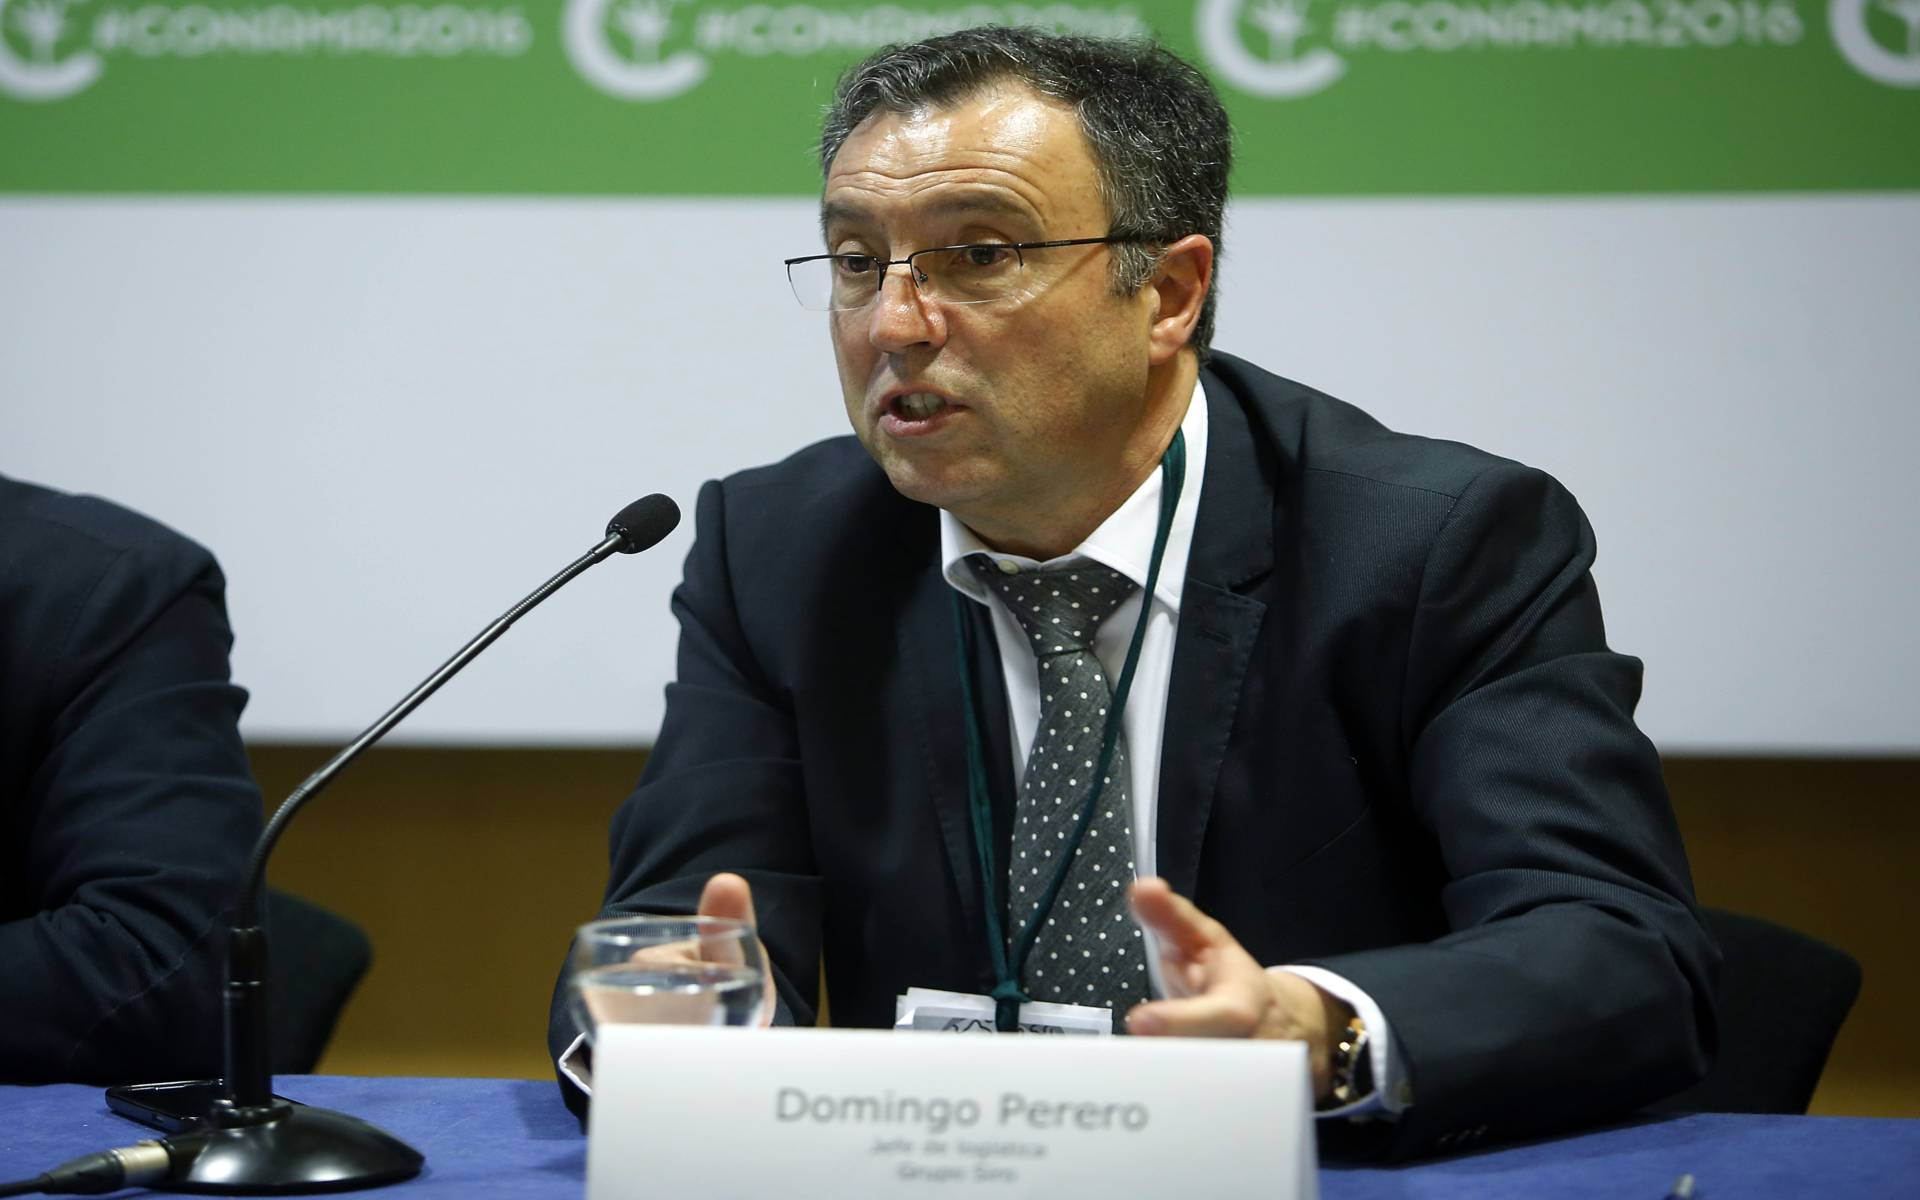 Domingo Perero